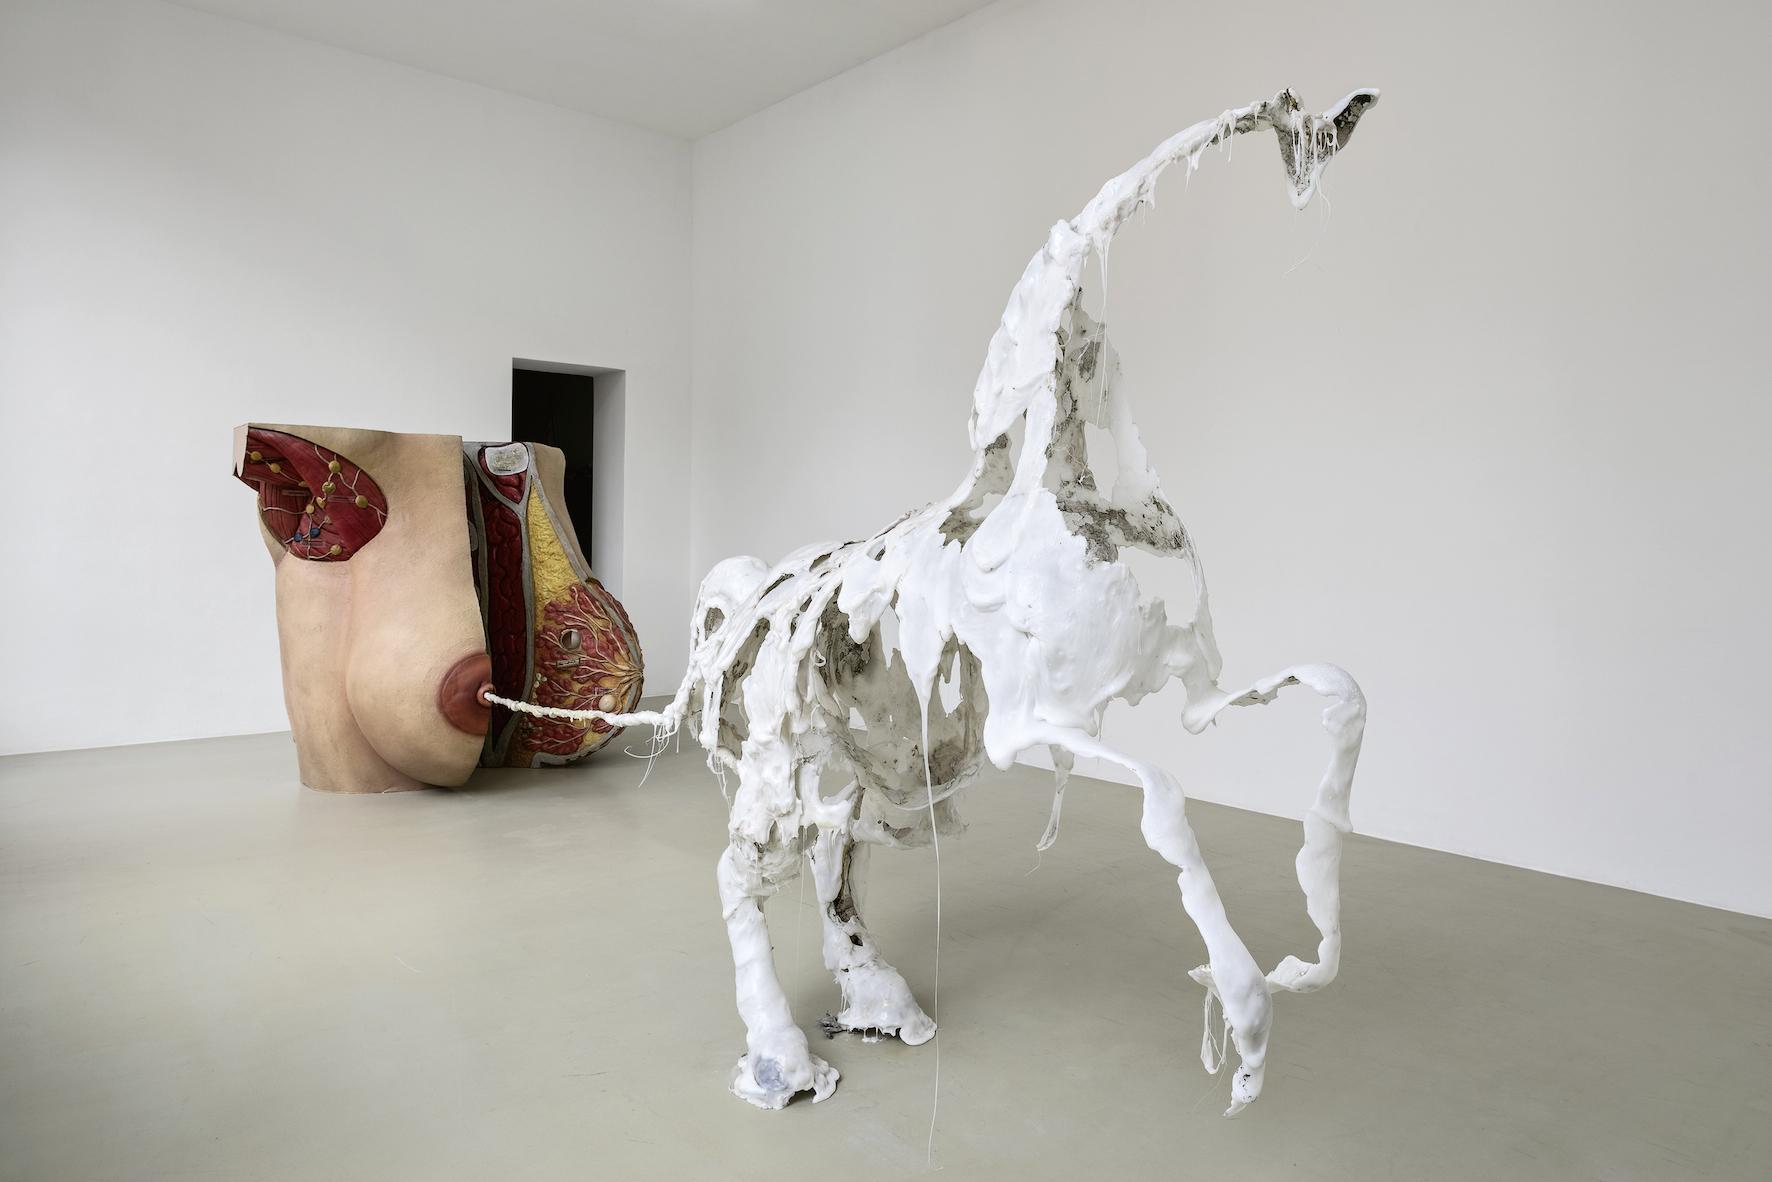 Raphaela Vogel, Uterusland, 2017, Ausstellungsansicht Kunstverein Hannover